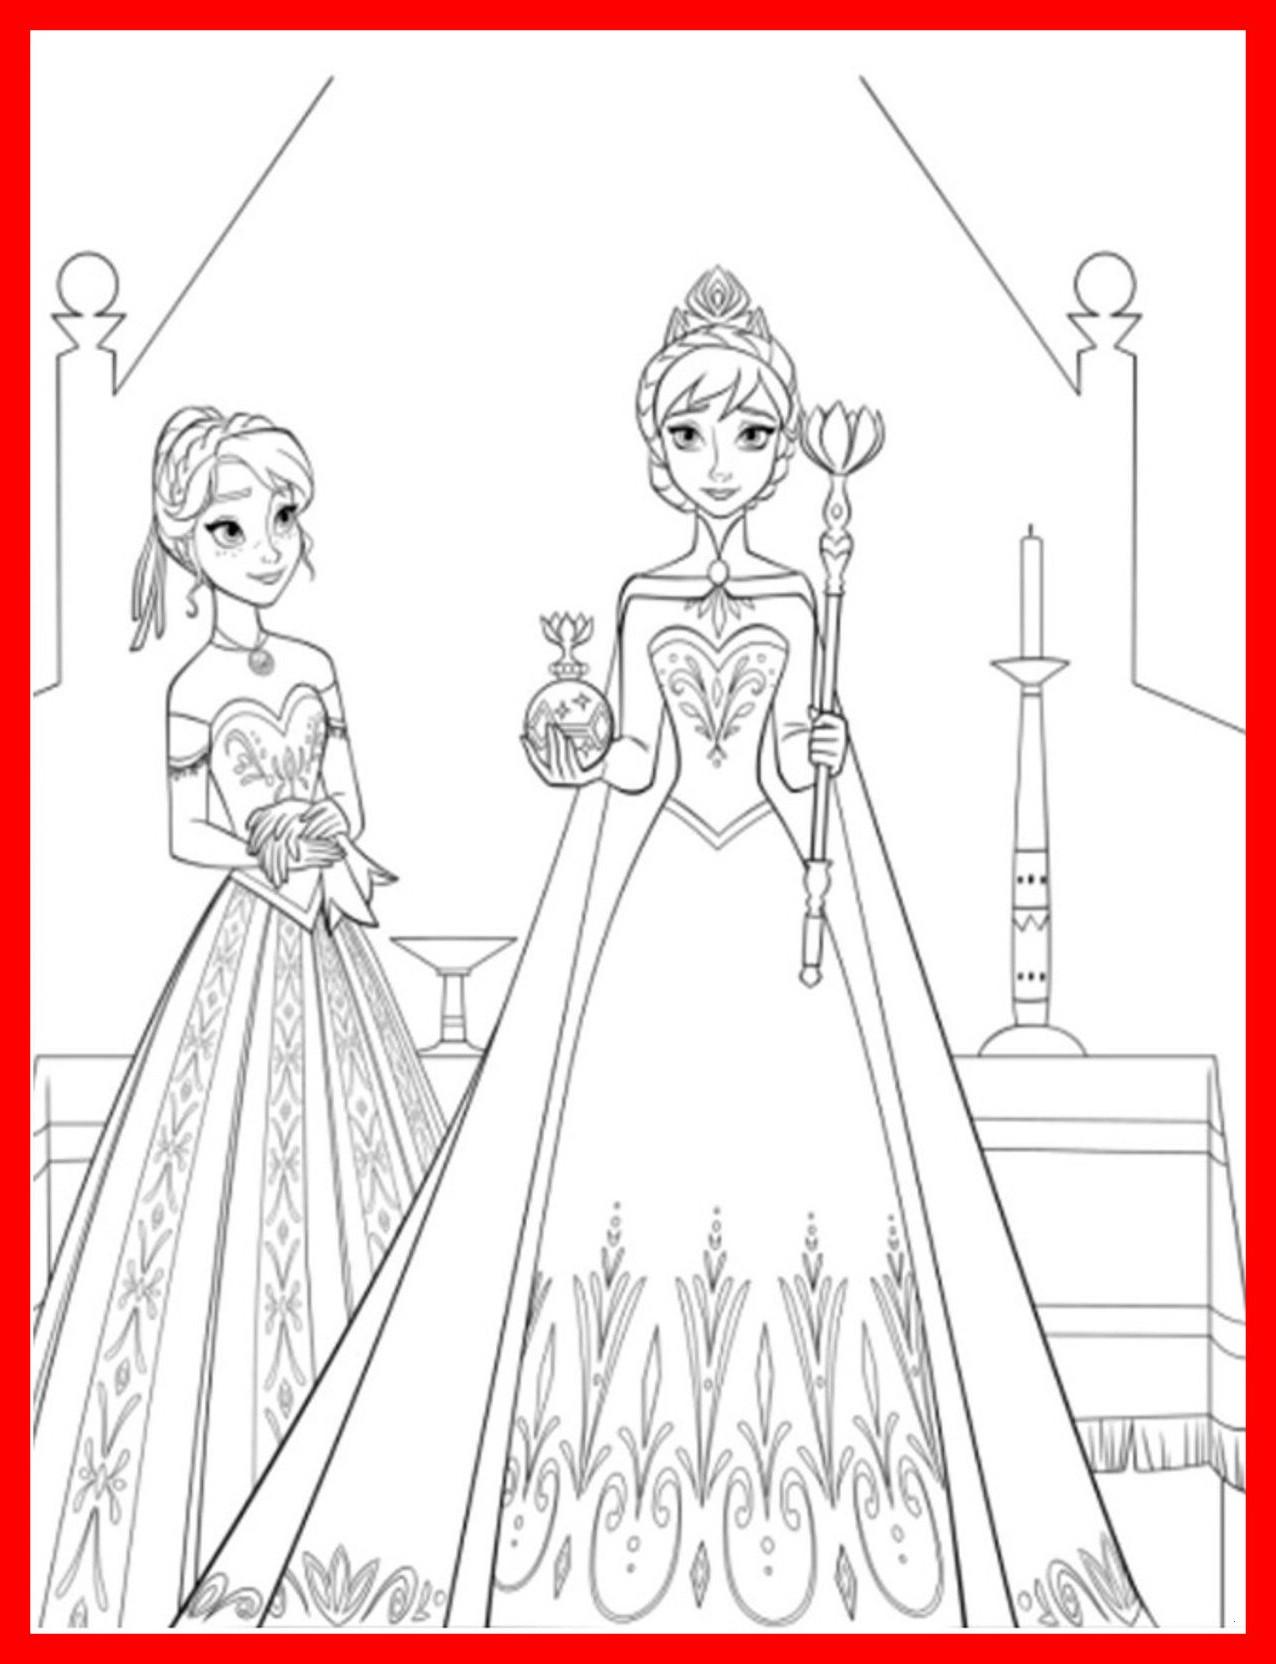 Elsa Und Anna Zum Ausmalen Frisch 35 Fantastisch Ausmalbilder Elsa Und Anna – Malvorlagen Ideen Bild